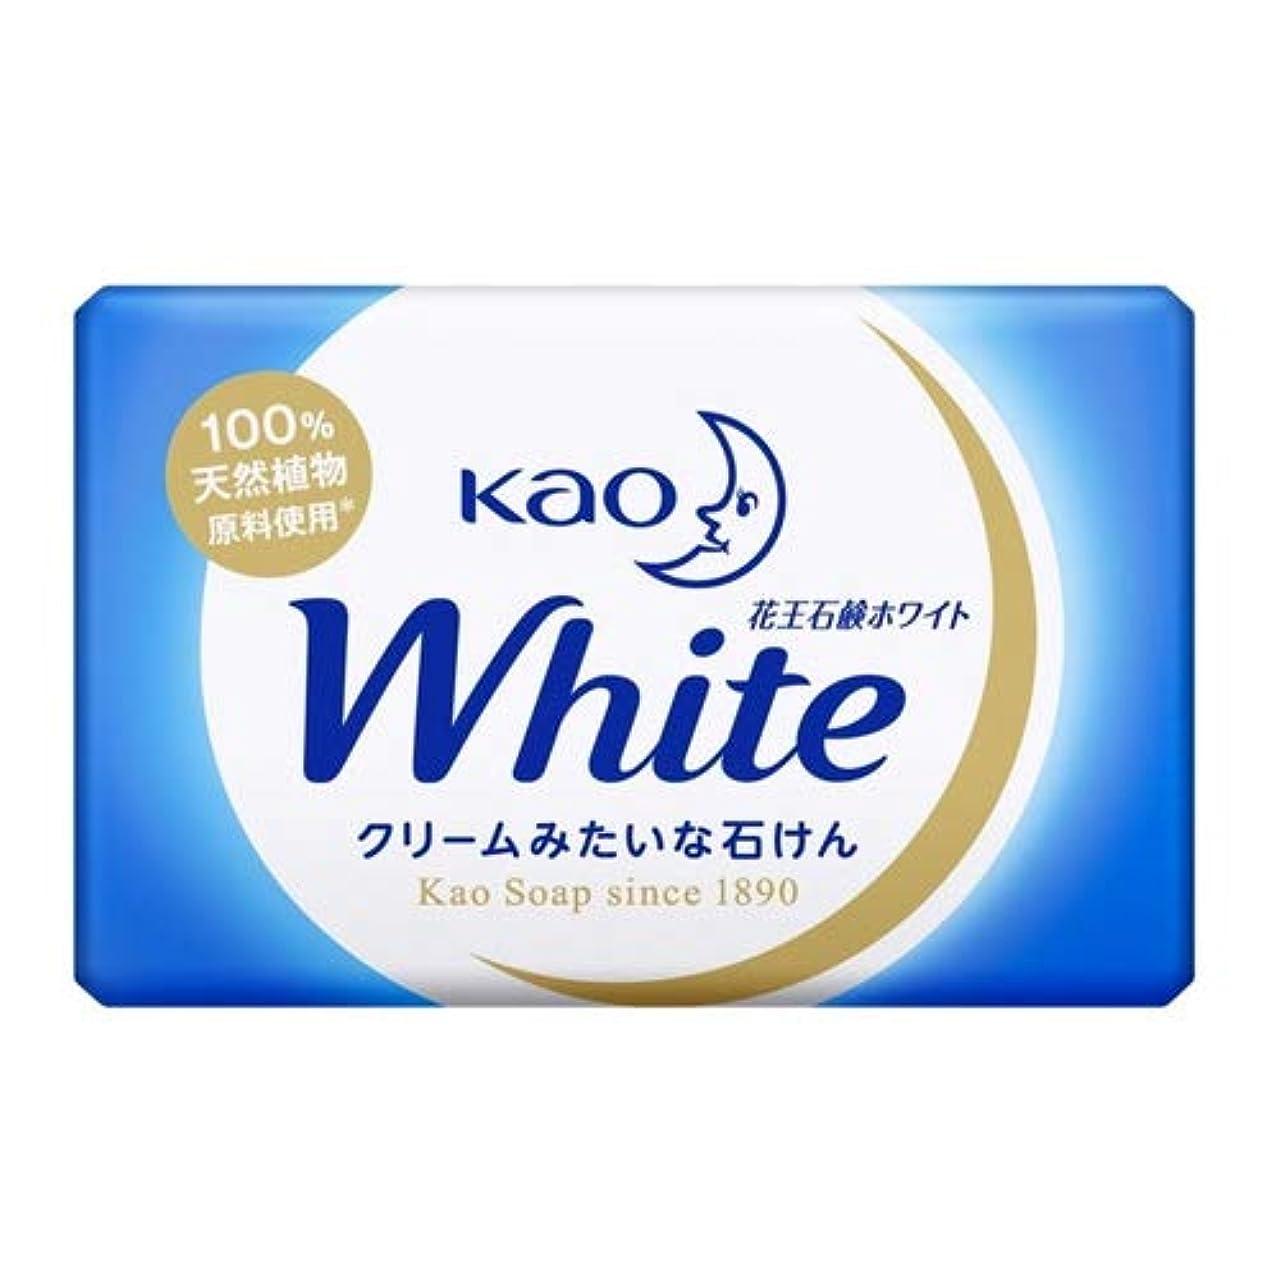 有効化保証する強度花王石鹸ホワイト 業務用ミニサイズ 15g × 10個セット